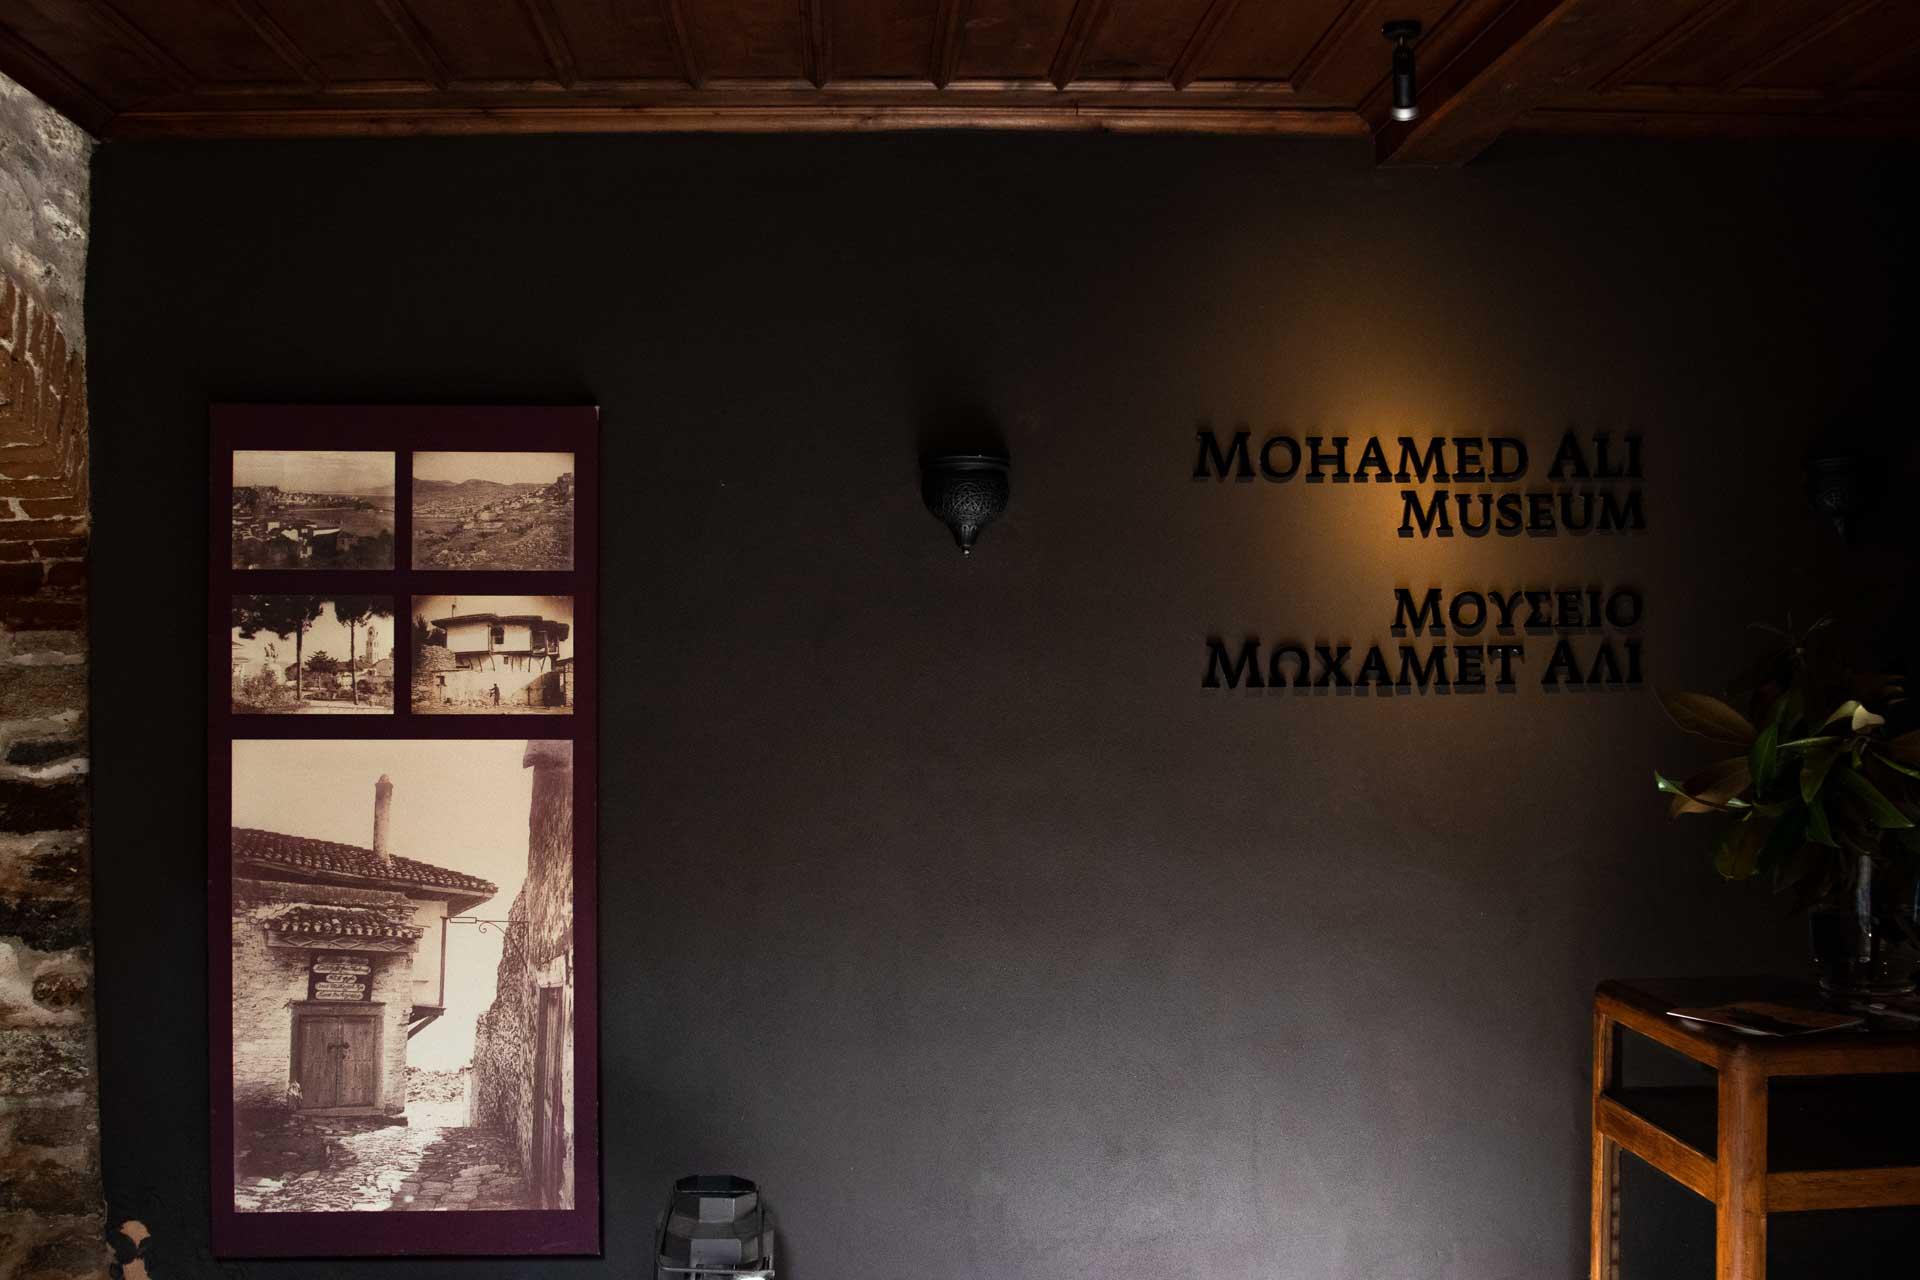 Kavalalı Mehmet Ali Paşa Heykeli ve Evi Çekergezer Hakan Aydın Fotoğrafları Kavala Gezi Rehberi Yunanistan Gezilecek Yerler